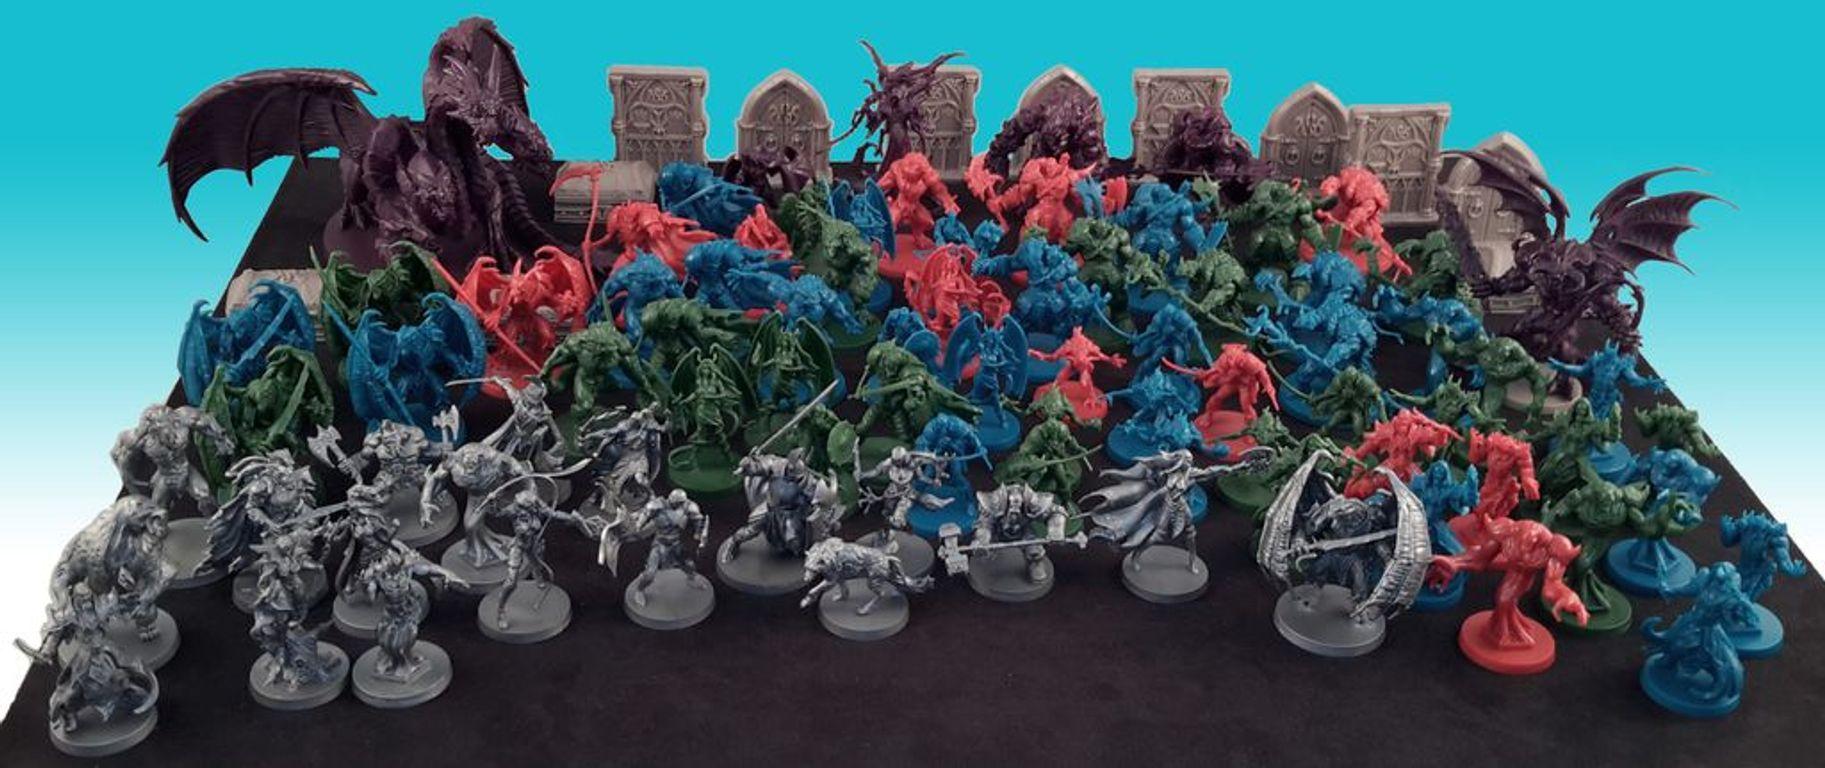 Sword & Sorcery miniatures